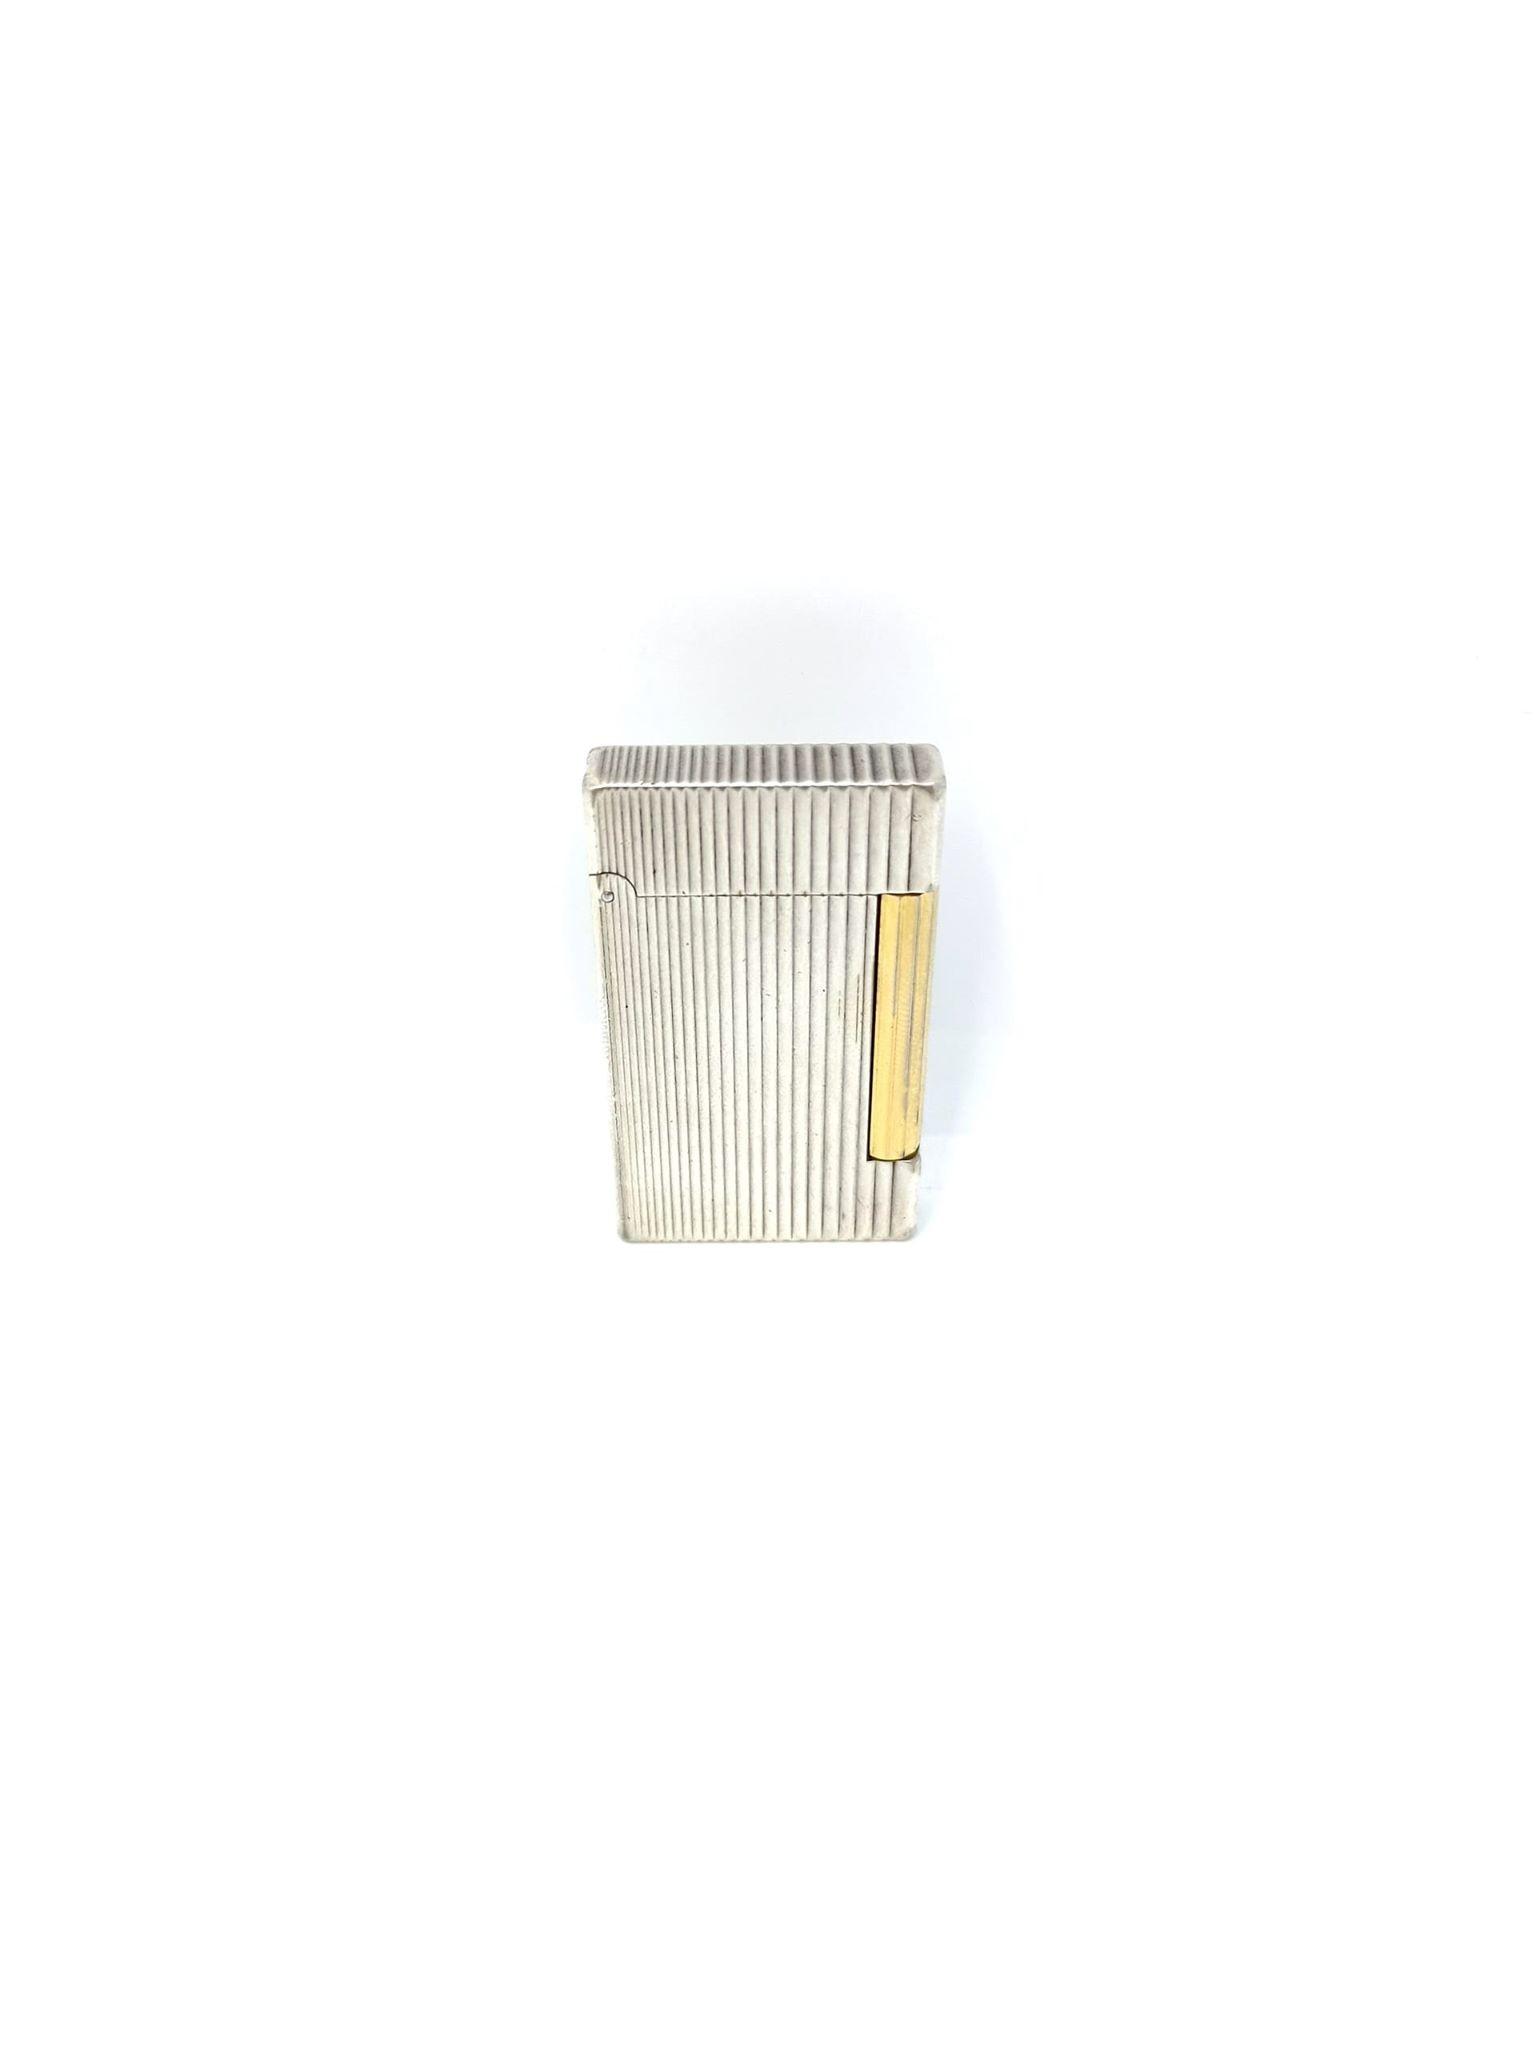 S.T.Dupont  lighter